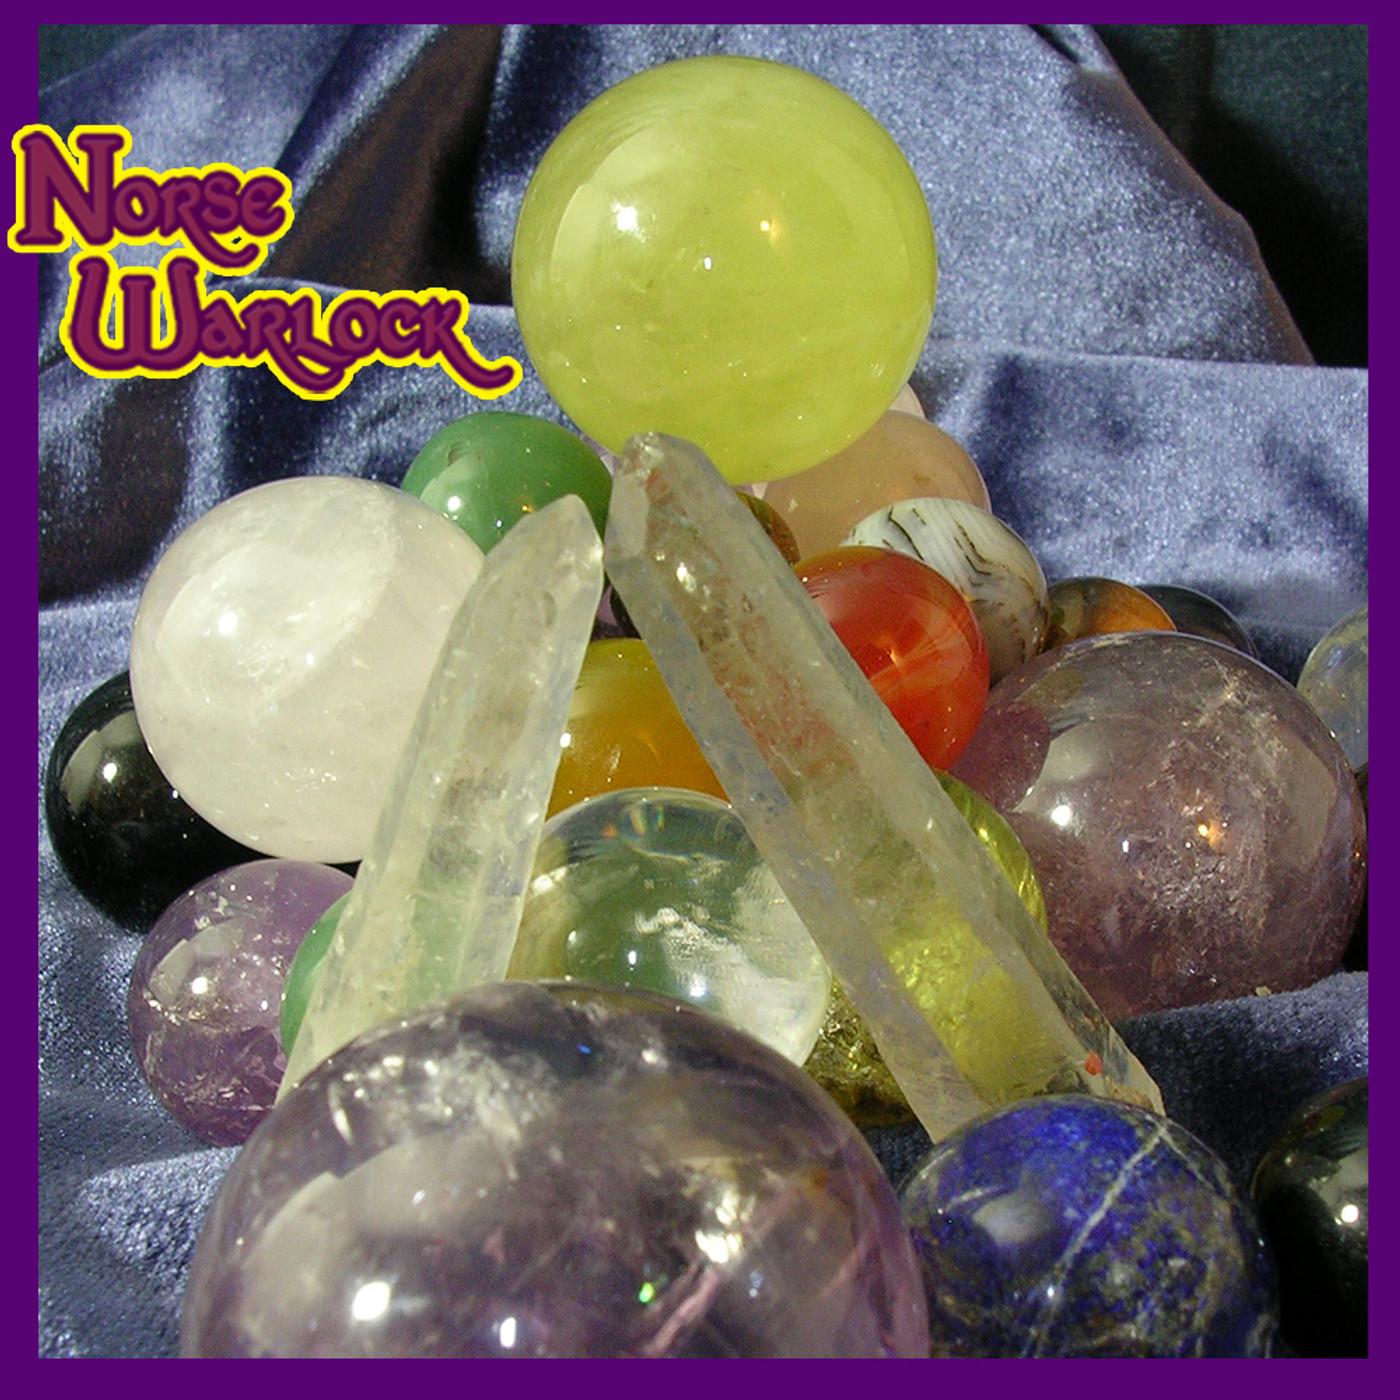 Magic Magick Gemstone Spheres Orbs Metaphysical Paranormal